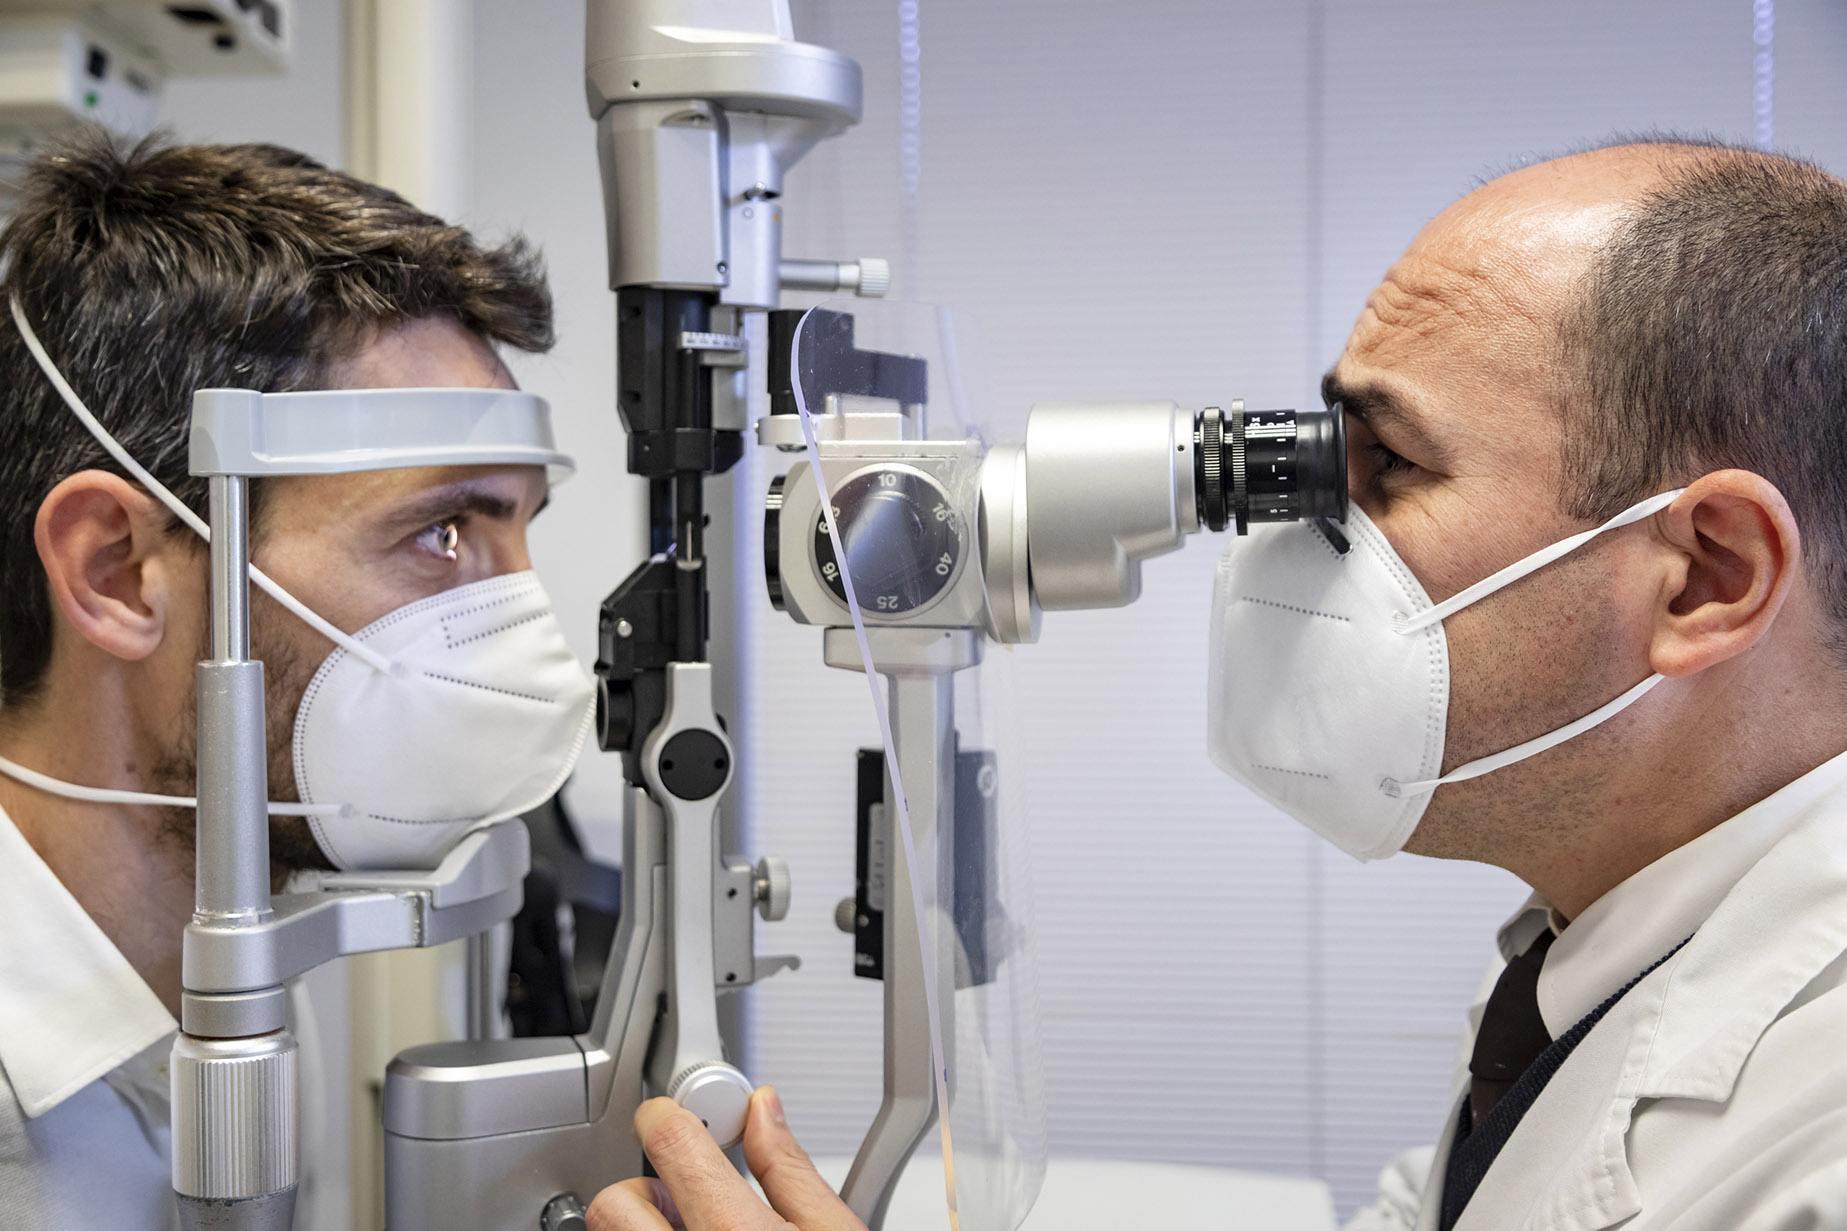 El doctor Marcos Muñoz, responsable del departamento de Urgencias y miembro del departamento de Glaucoma de ICR, realiza un examen oftalmológico para detectar glaucoma.